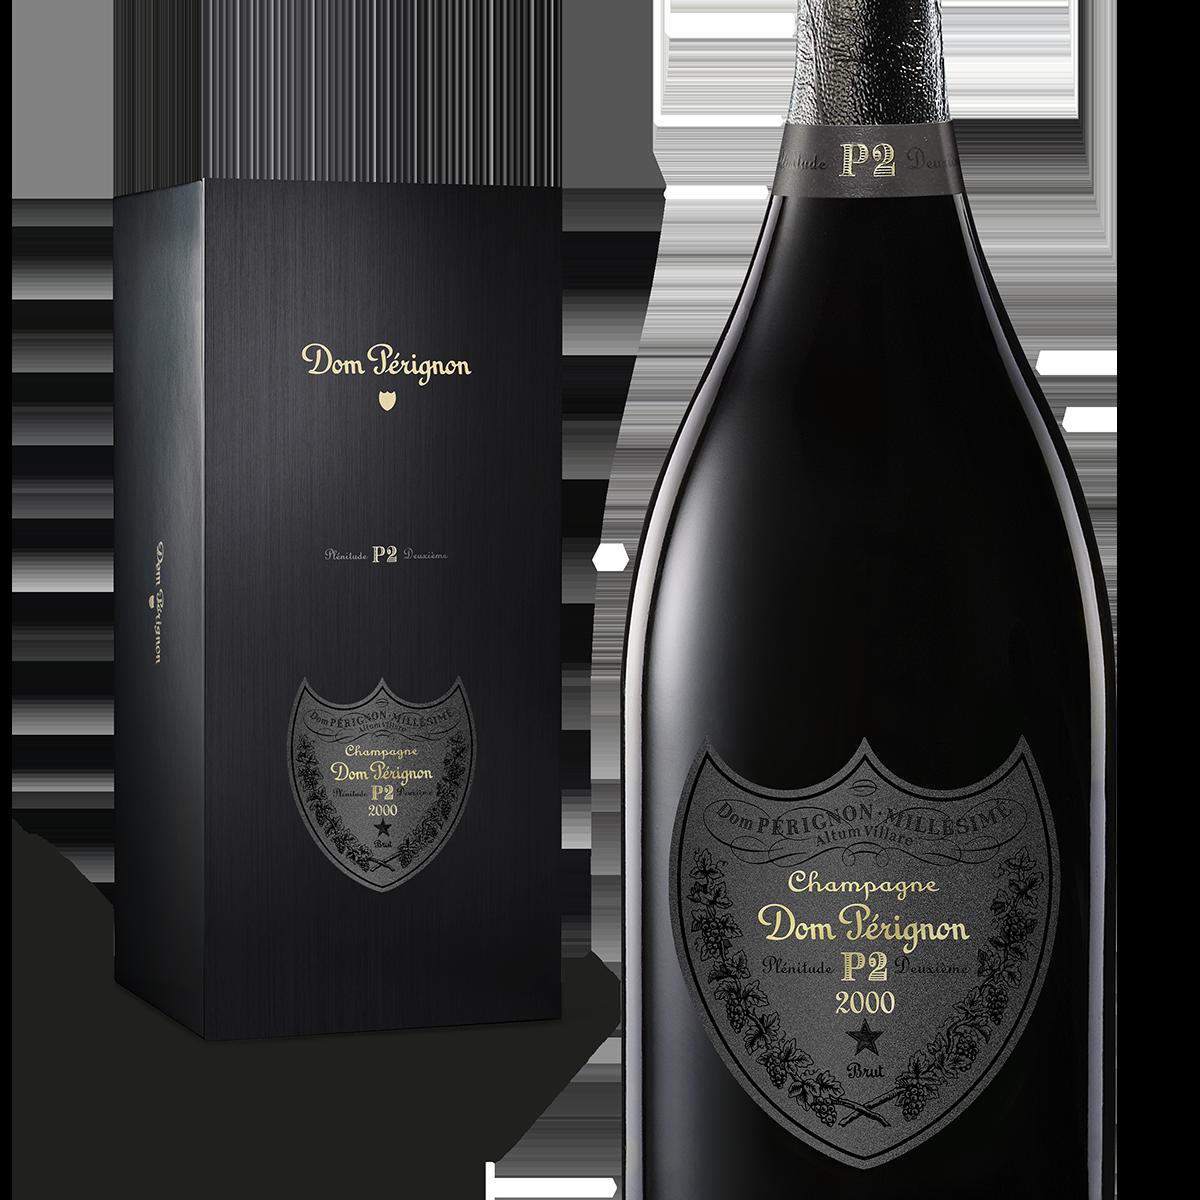 Dom Perignon P2 2000 giftbox 75cl-2